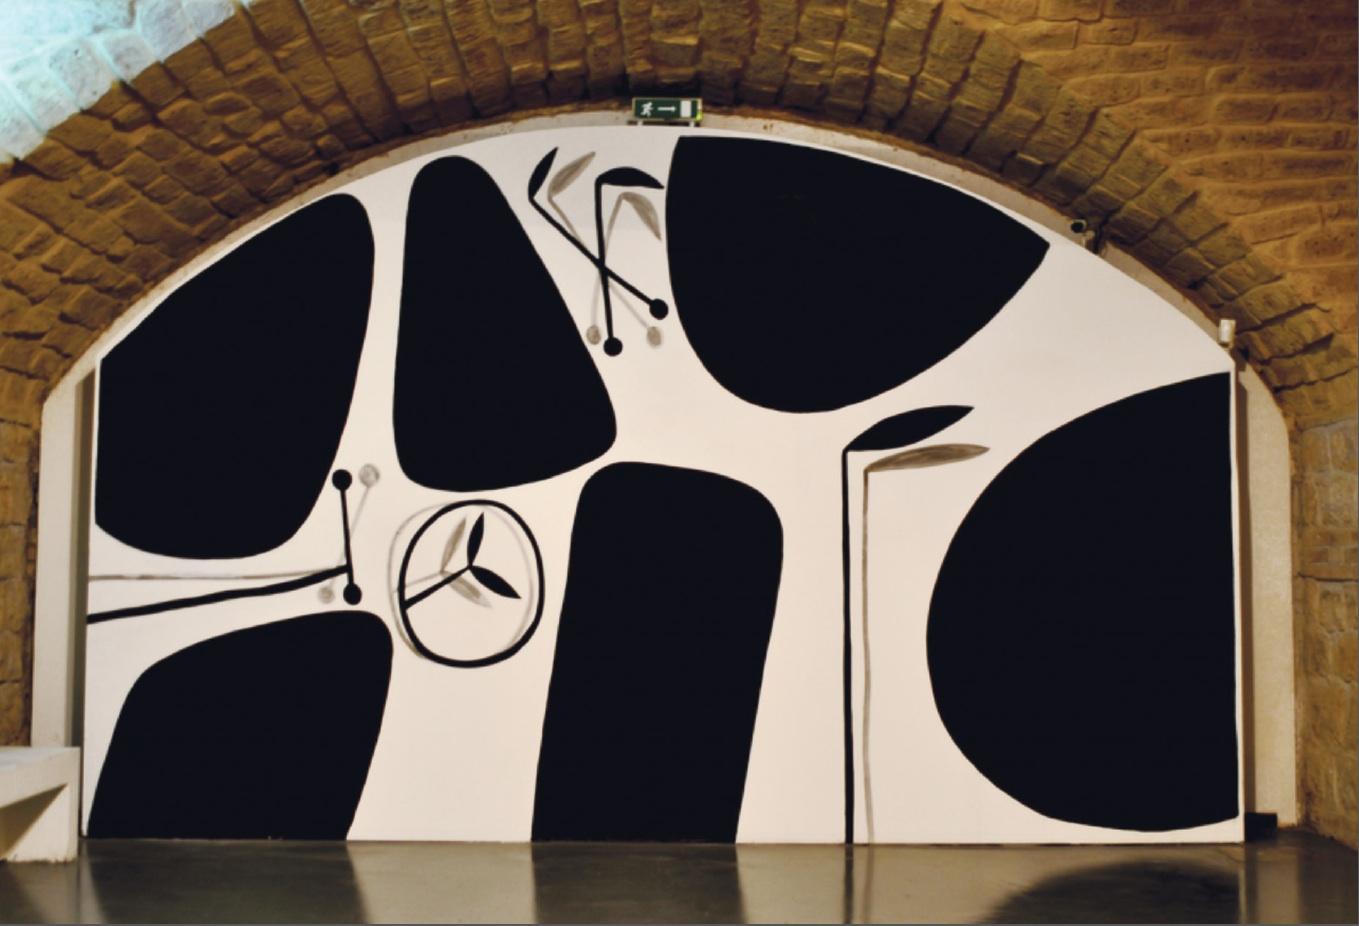 Angelo Casciello. Il tempio dei segni. Arcos - Museo di Arte Contemporanea del Sannio, Benevento 26 luglio - 15 novembre 2013